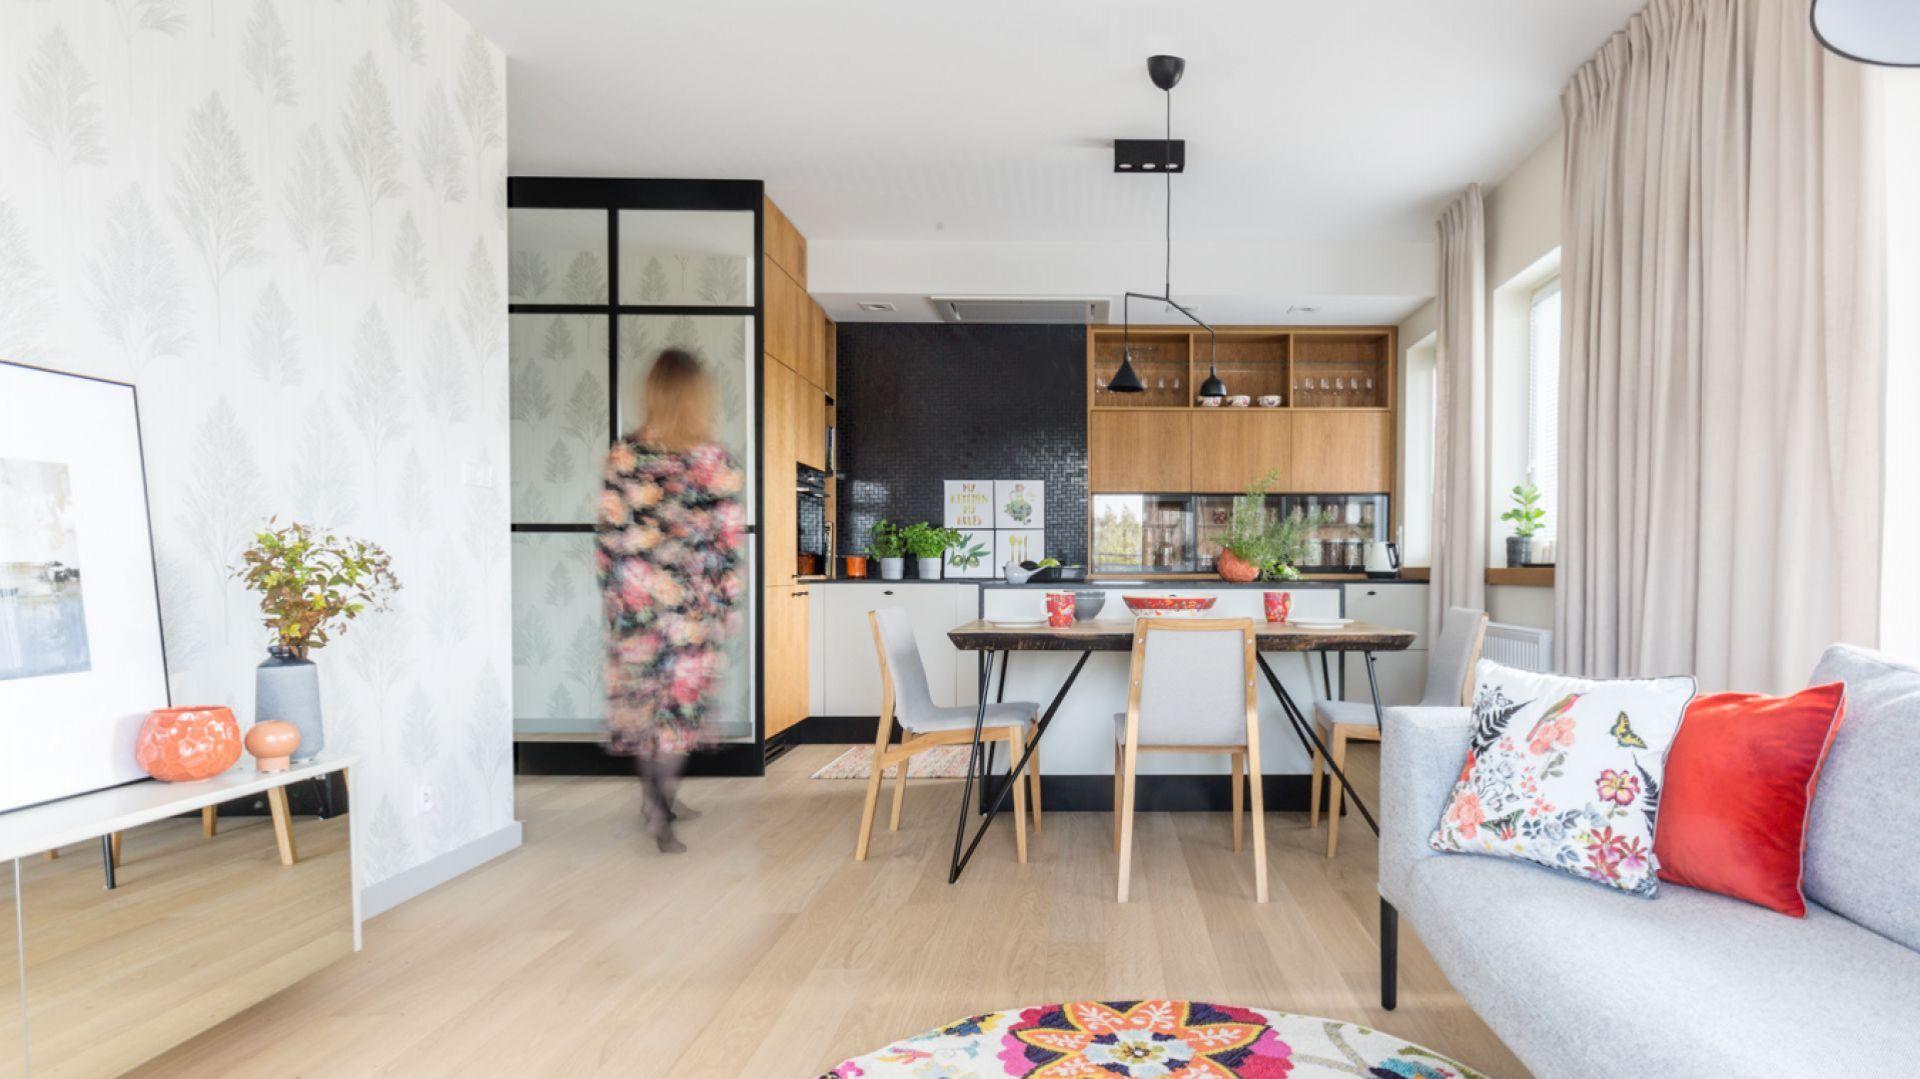 Salon z kuchnią i jadalnią. 30 pięknych wnętrz polskich domów. Projekt: Agnieszka Morawiec. Fot. Pion Poziom Fotografia Wnętrz